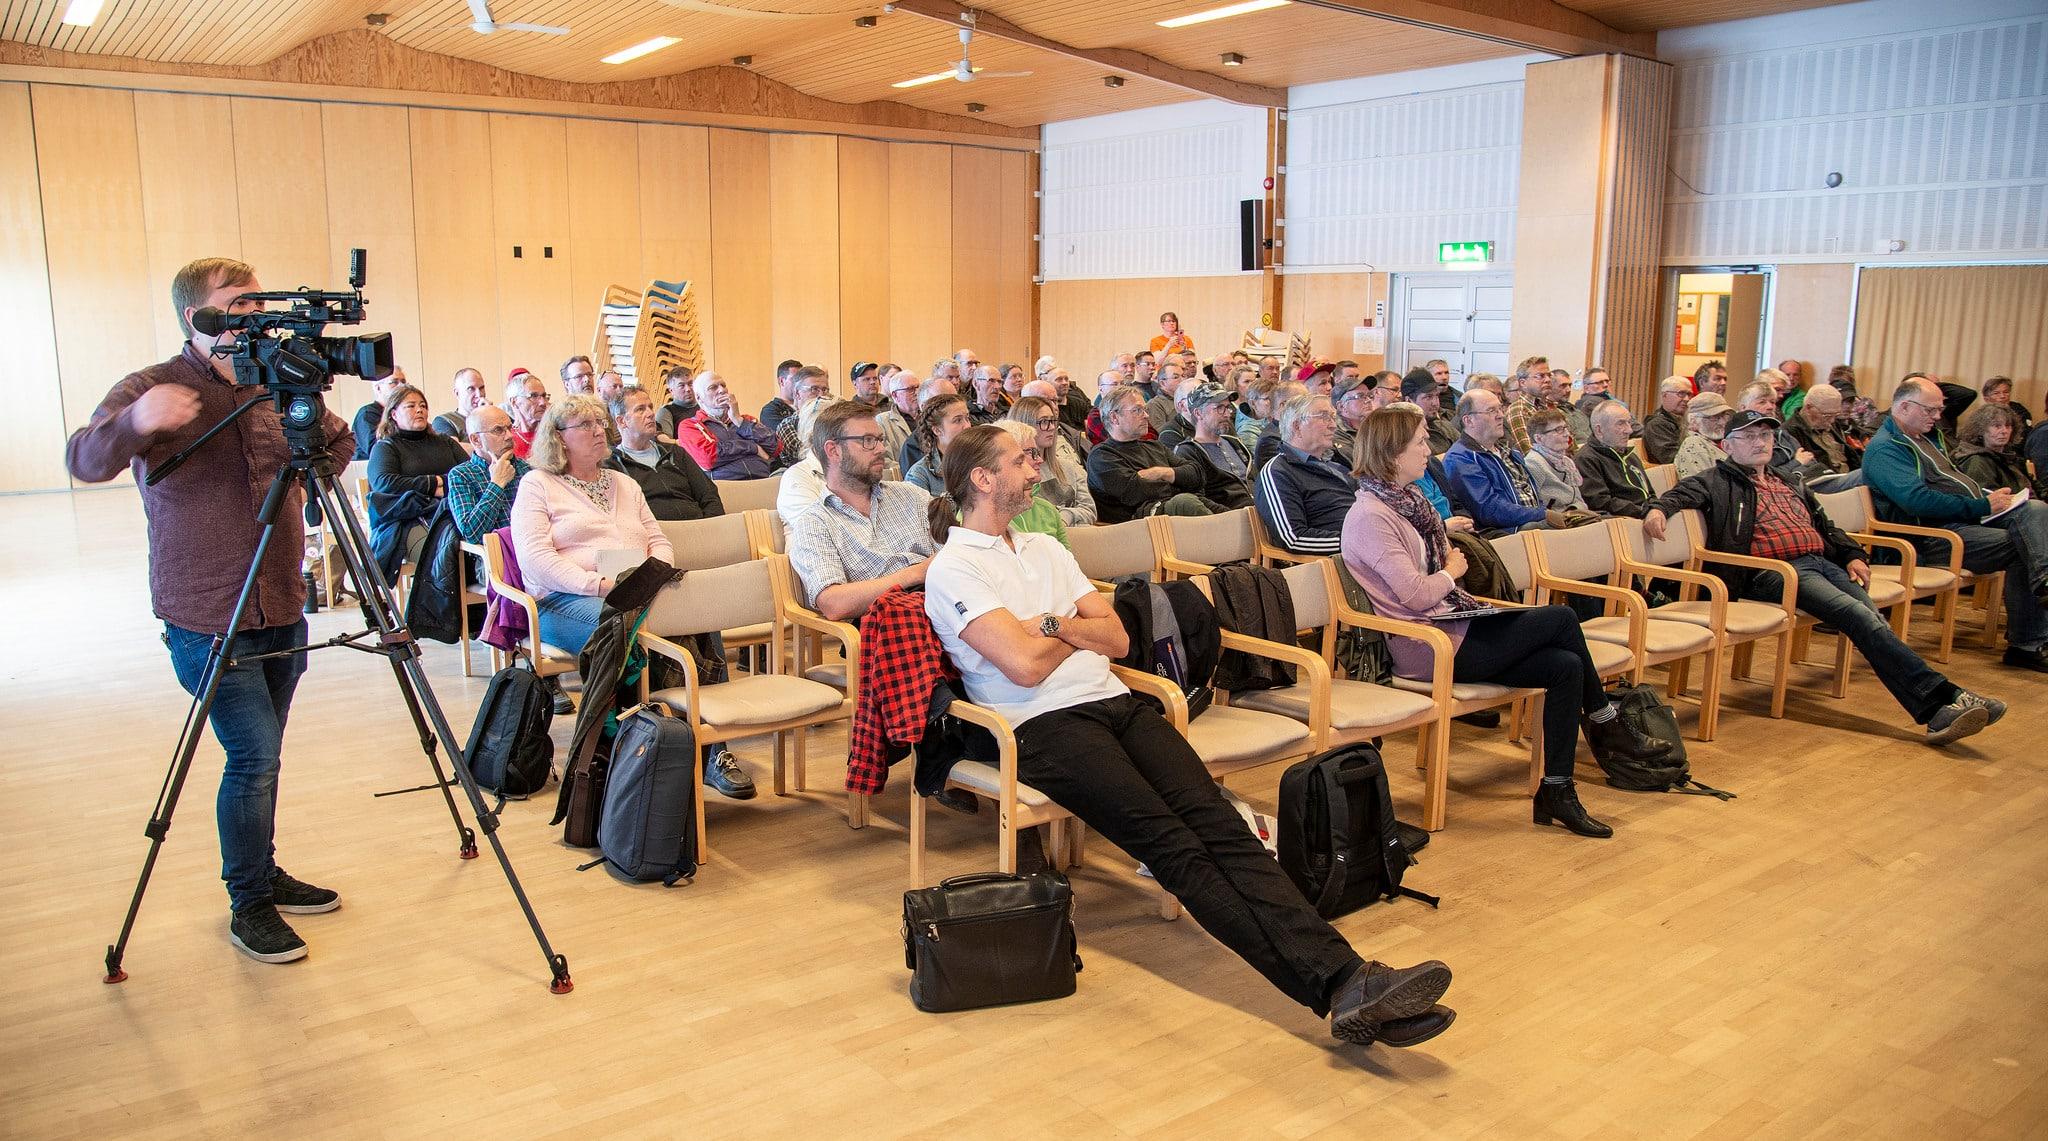 Mötet om CWD i Arjeplog lockade många intresserade jägare. De kommer nu få en viktig roll i jakten på fler svar om den delvis mystiska och svåra sjukdomen som drabbar bland annat ren och älg.